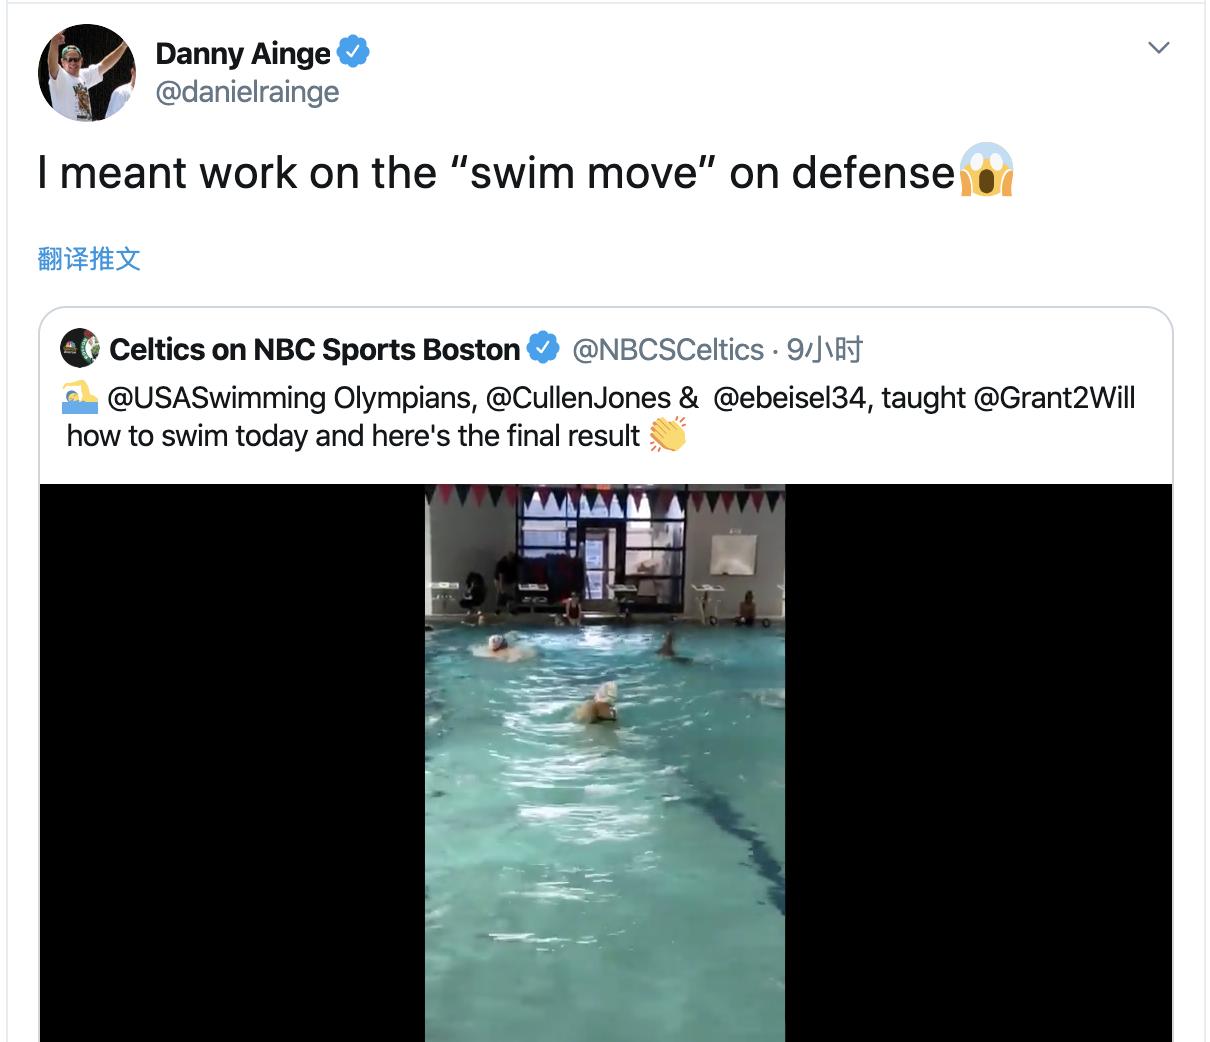 安吉打趣格威参加游泳课:我说的swim move是指防守卡位